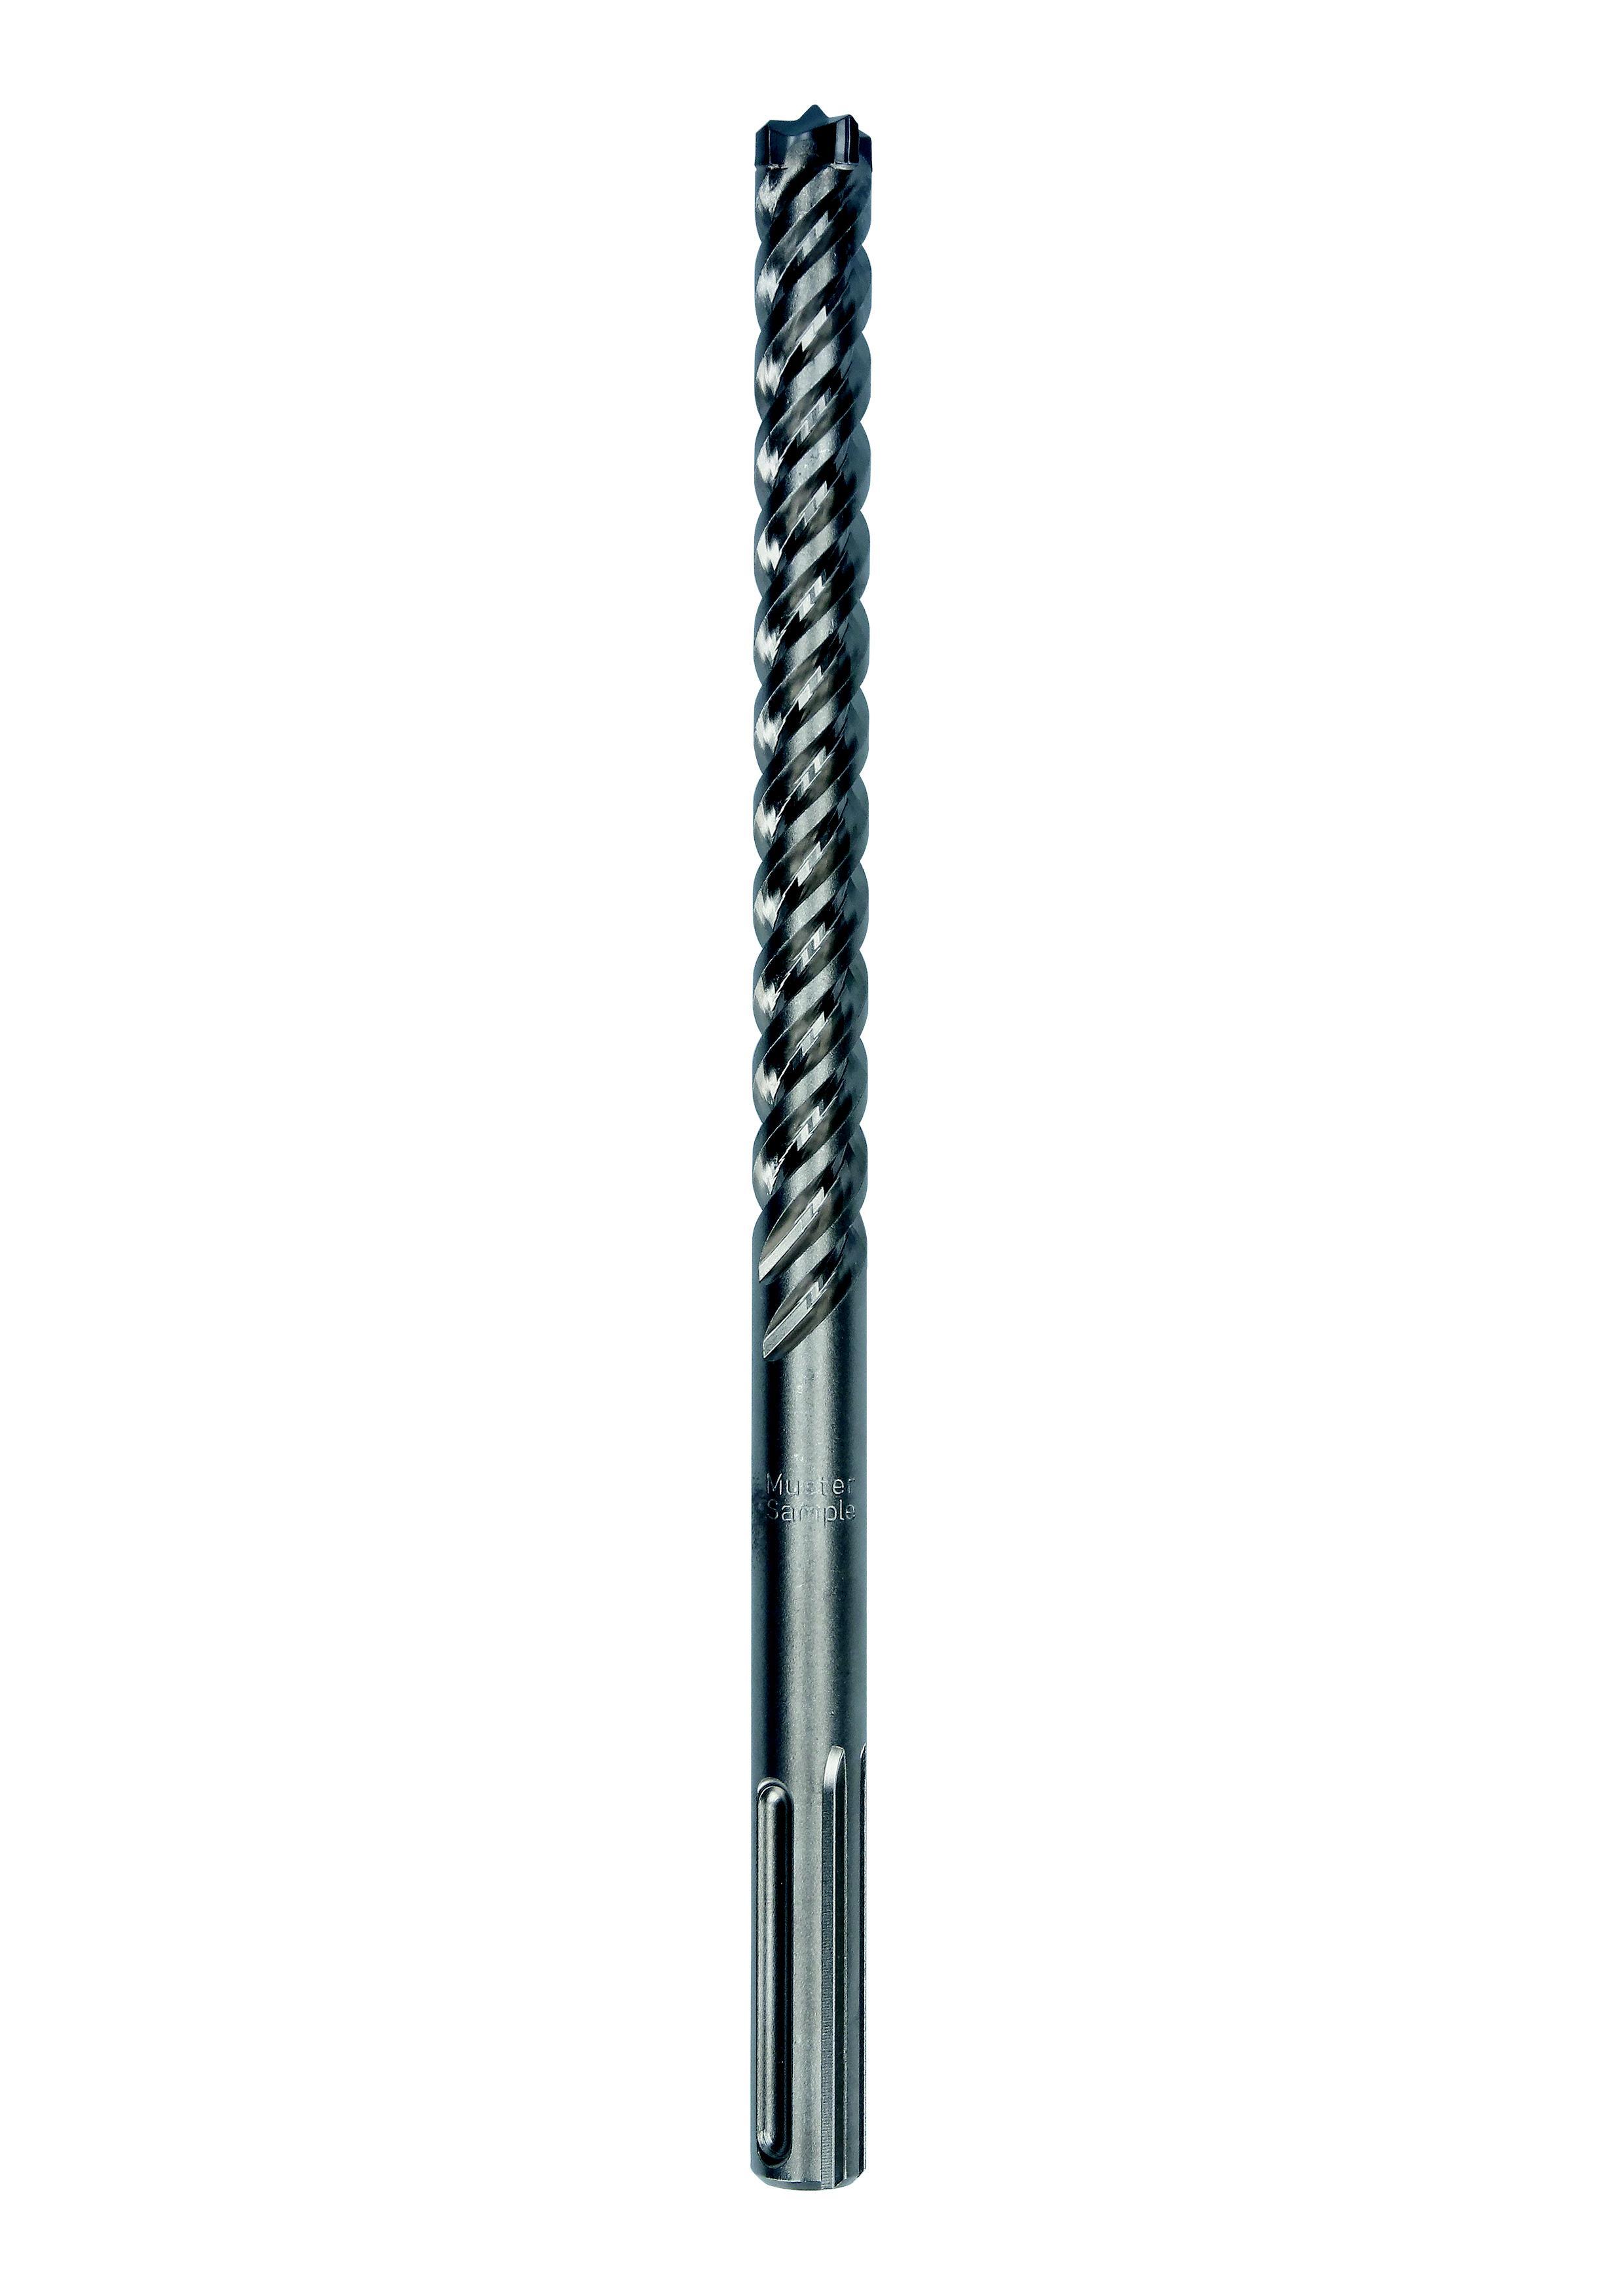 цена на Бур Bosch Sds-max-8x 20 x 200 x 320 мм